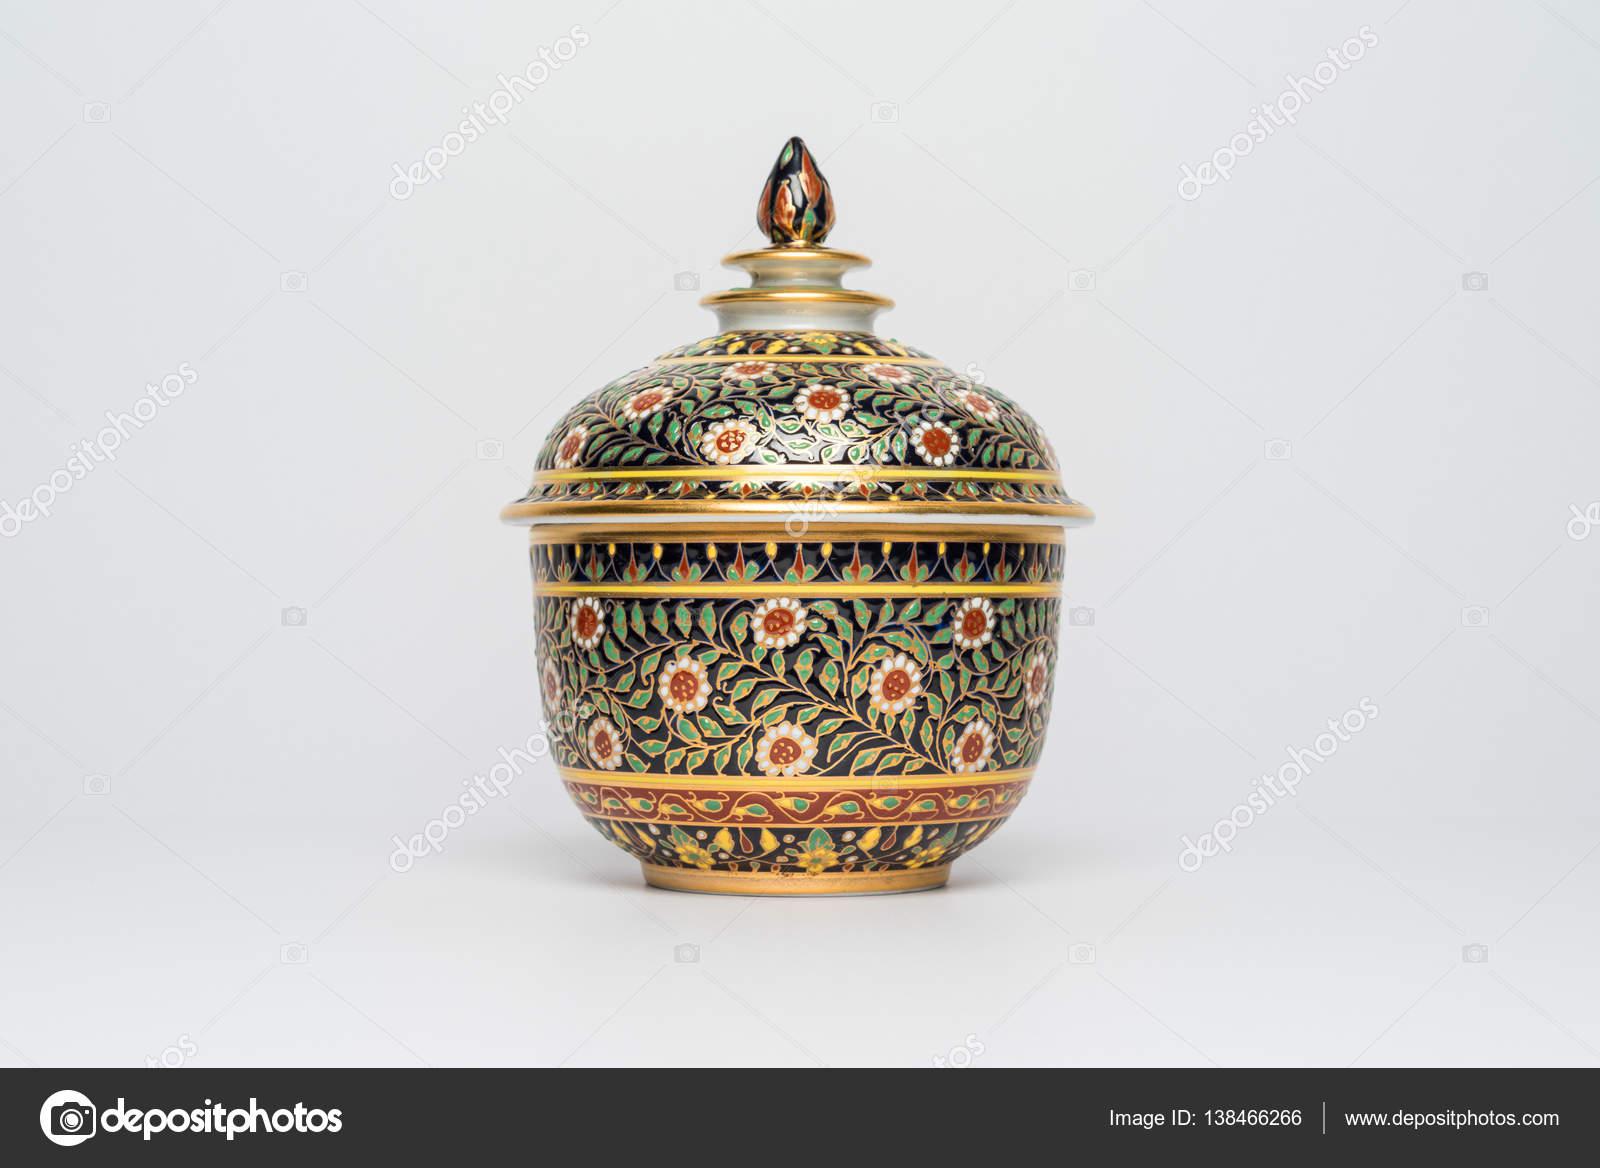 Chińskie Tradycyjne Naczynia Ceramiczne Doniczki Z